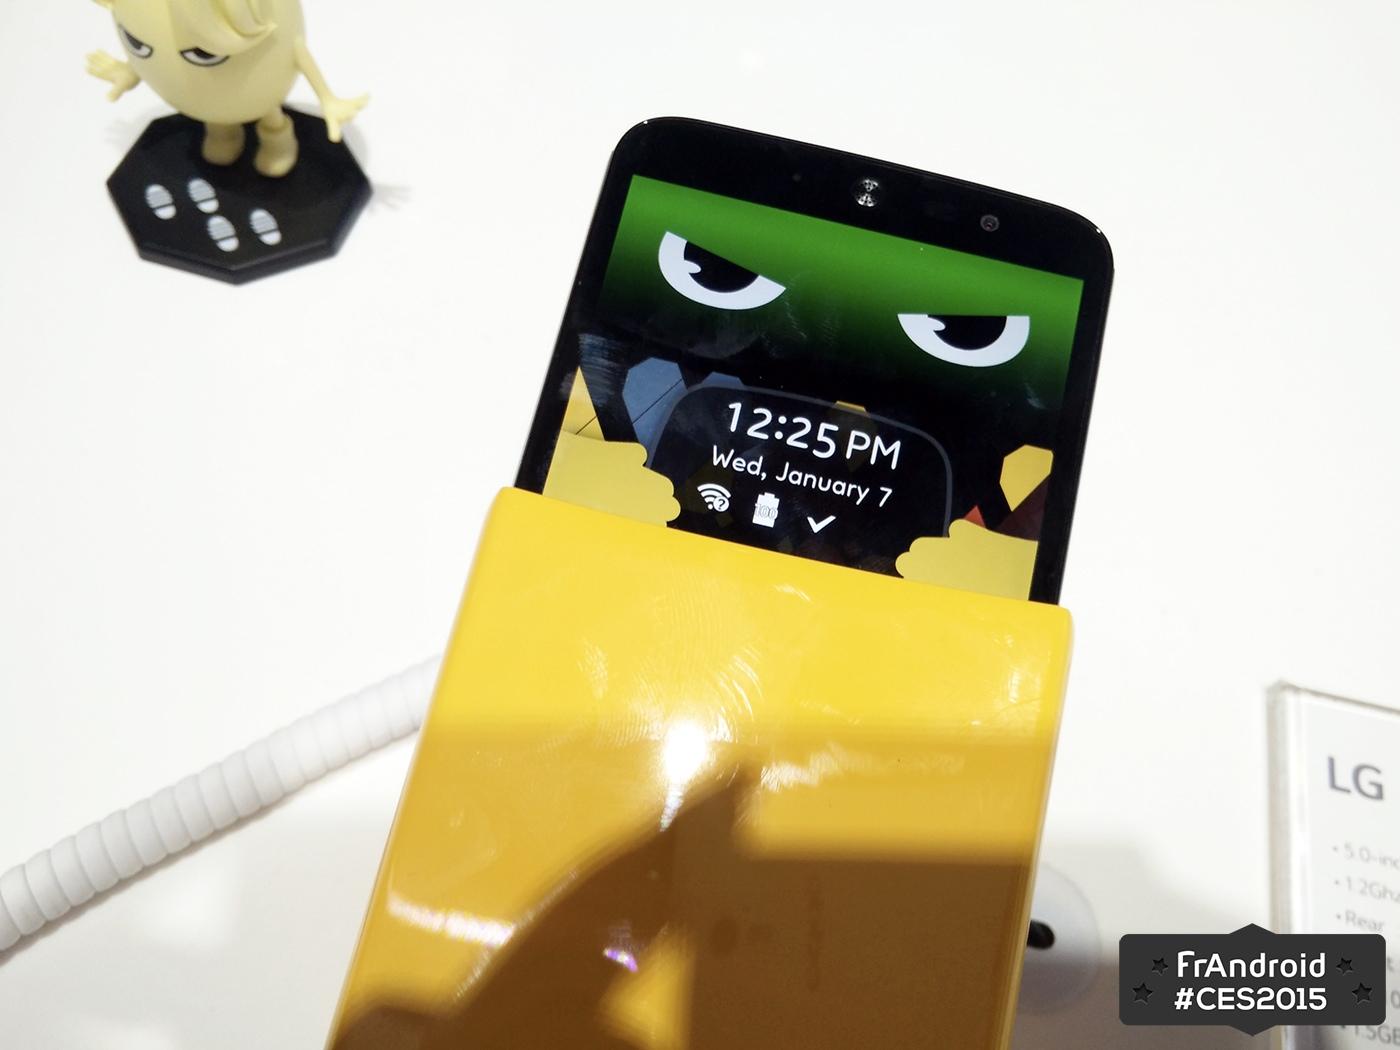 À la rencontre des LG AKA, ces smartphones dotés d'une personnalité